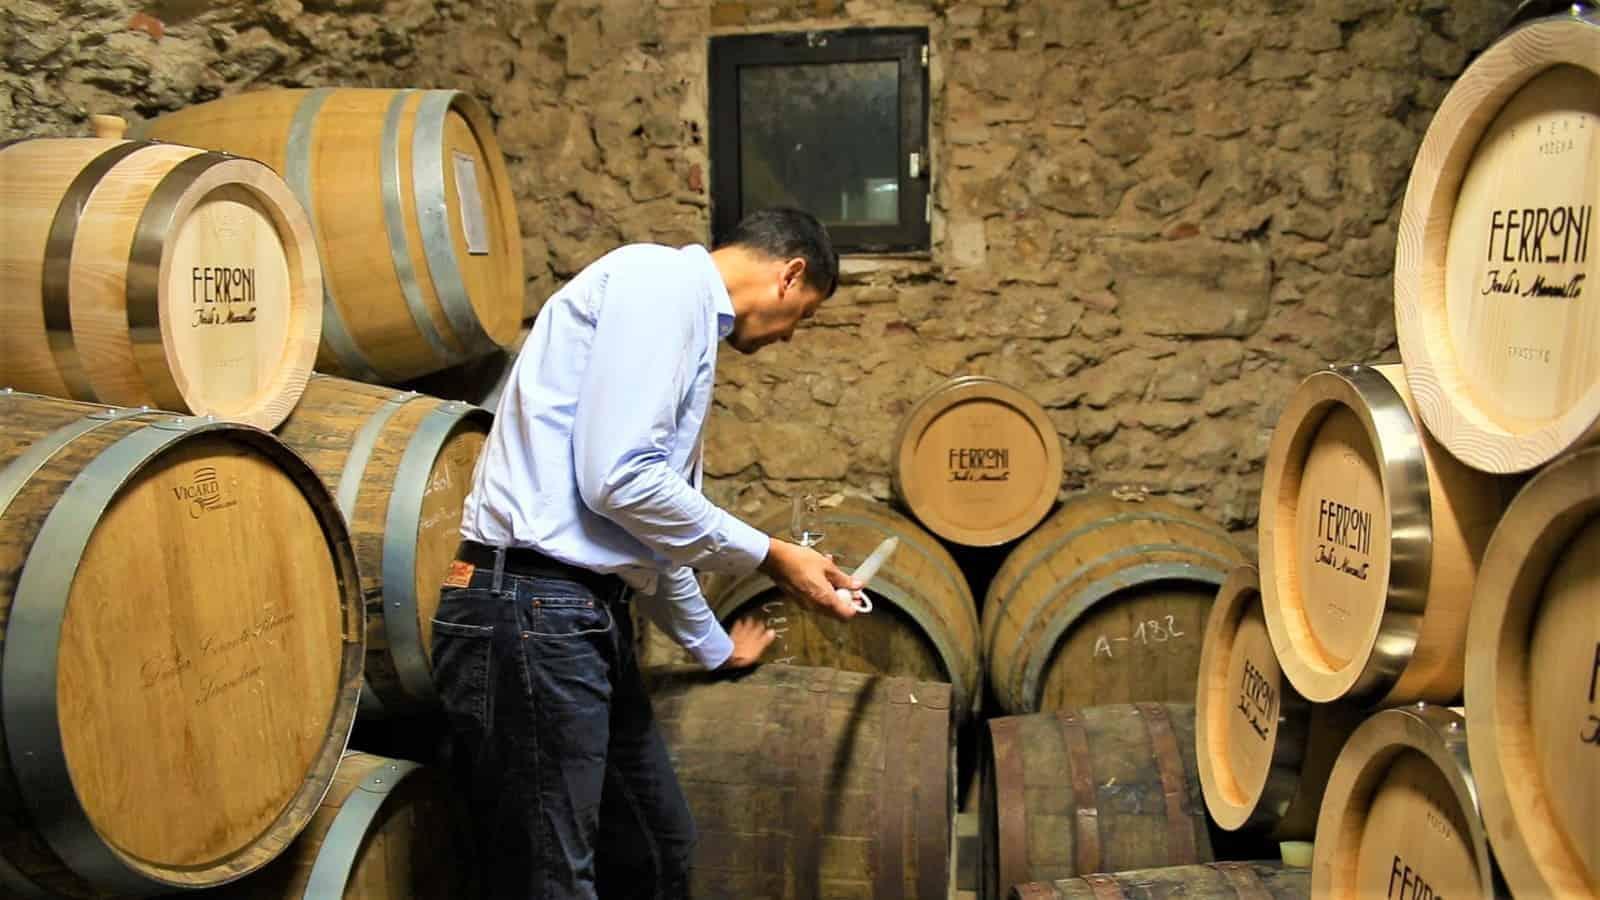 , Pastis et rhum – Découvrez les secrets de ces liqueurs traditionnelles marseillaises